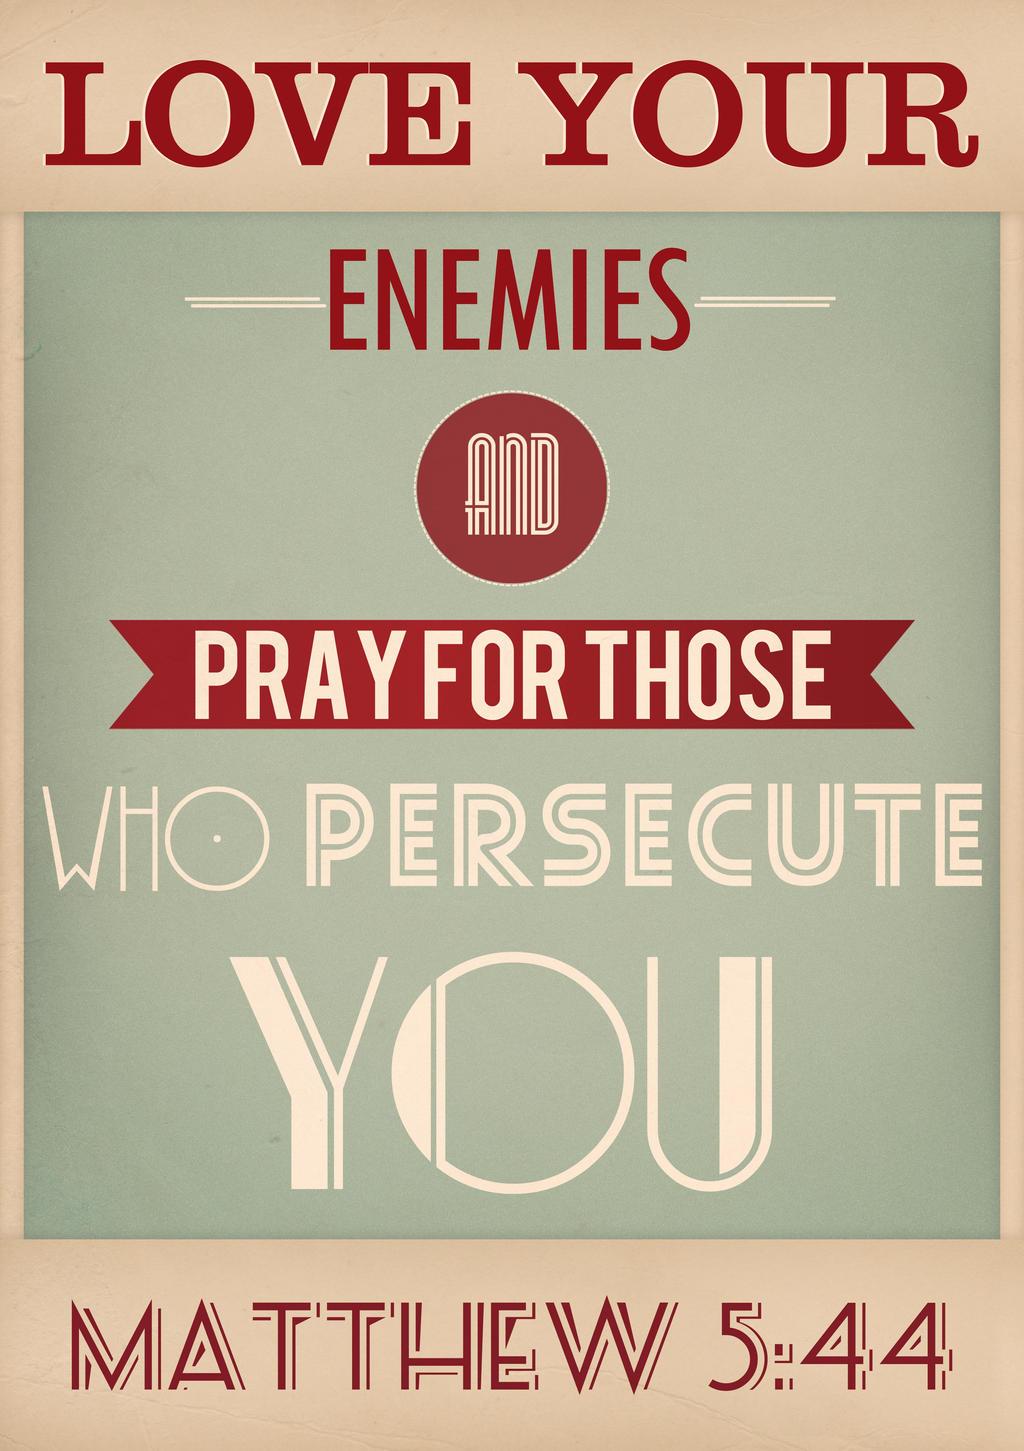 Matthew 5:44 by AManWithPhotoshop